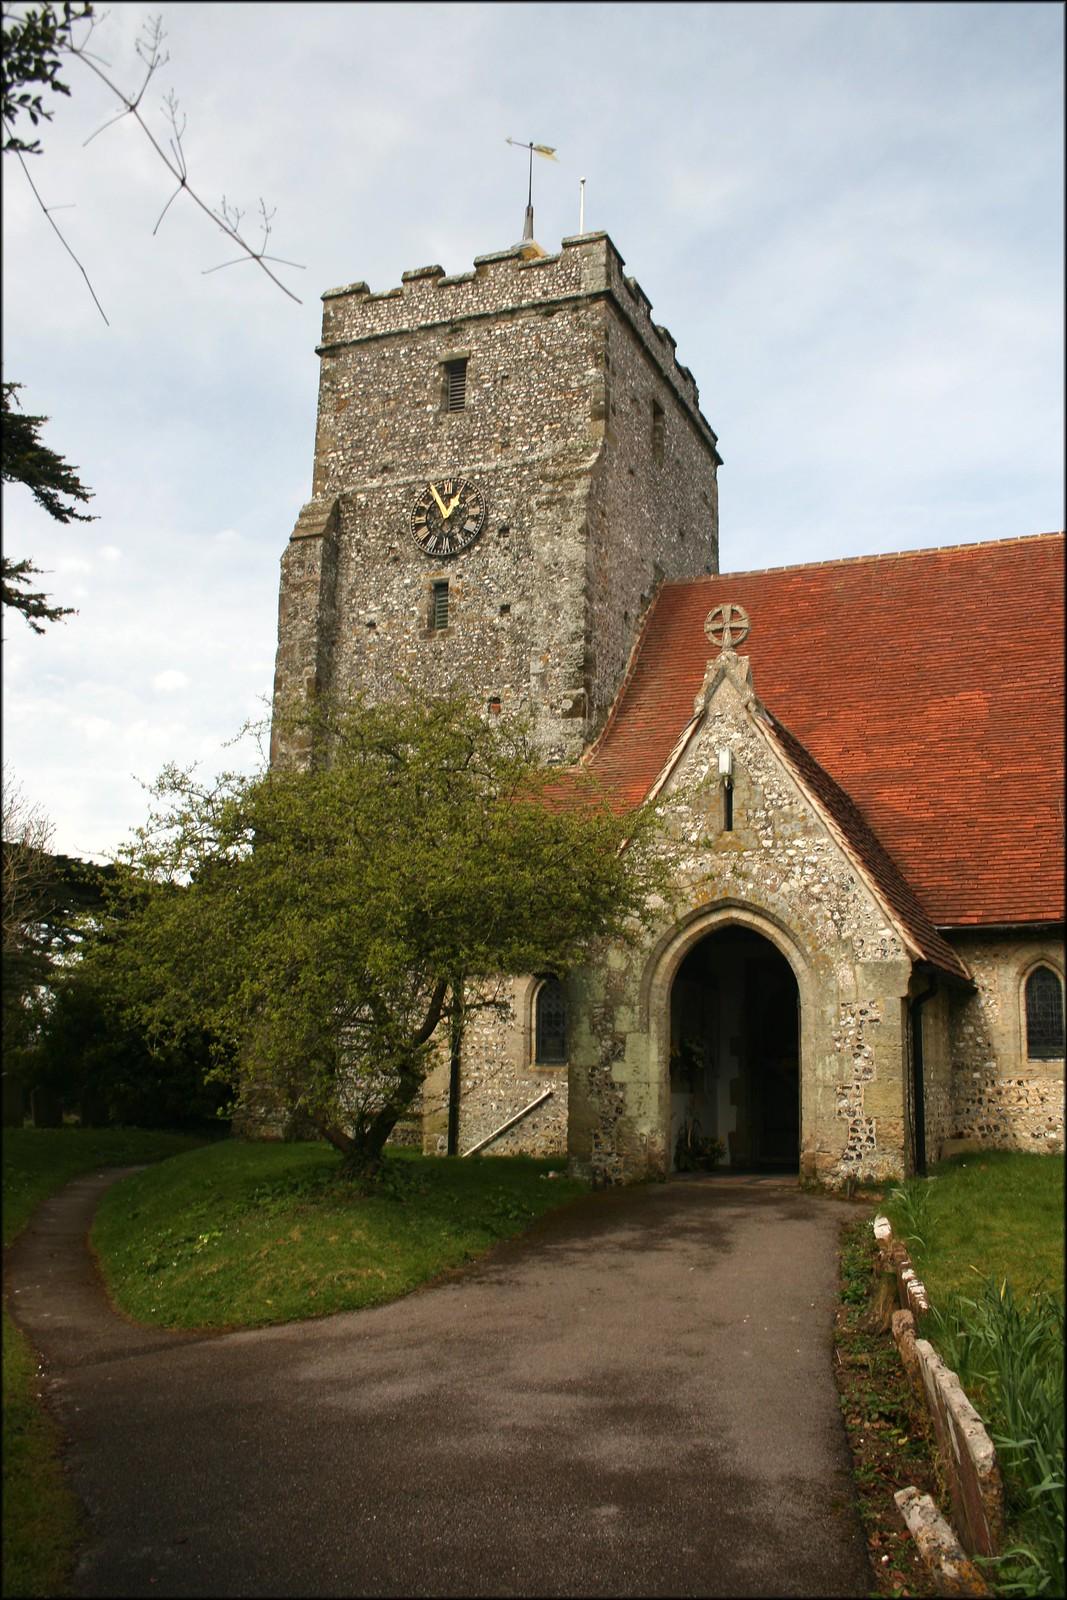 Burpham Church Burpham, West Sussex